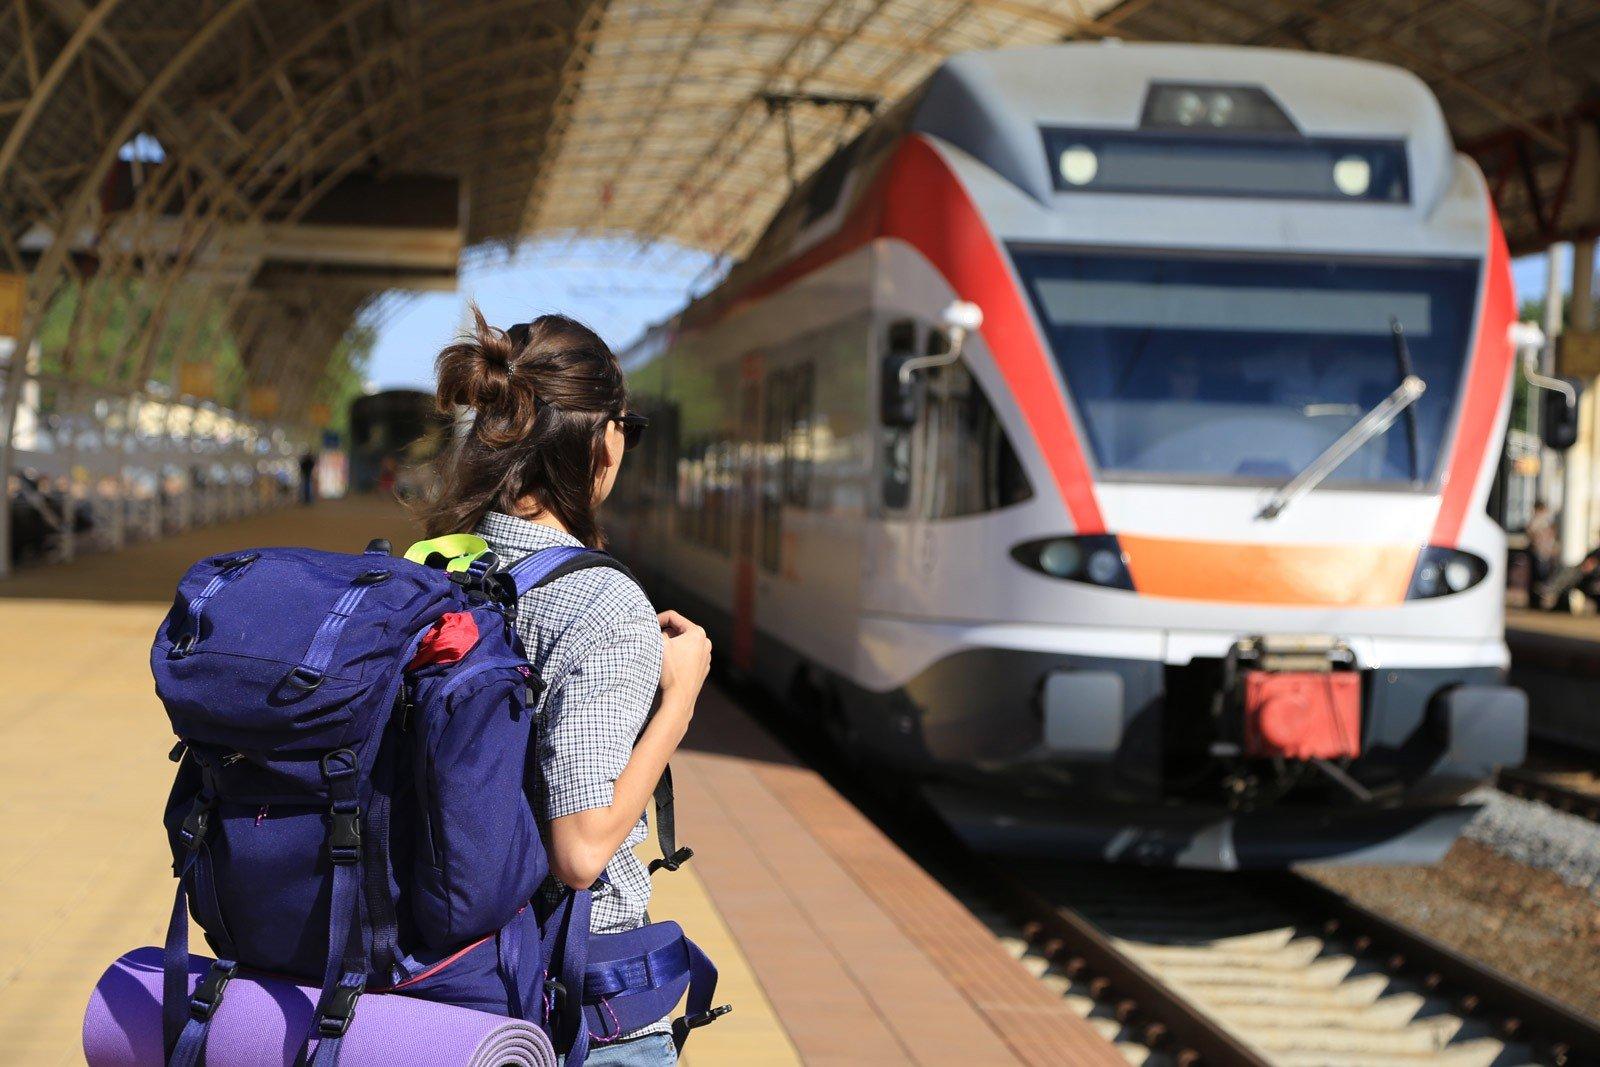 задержали рейс опоздали на поезд